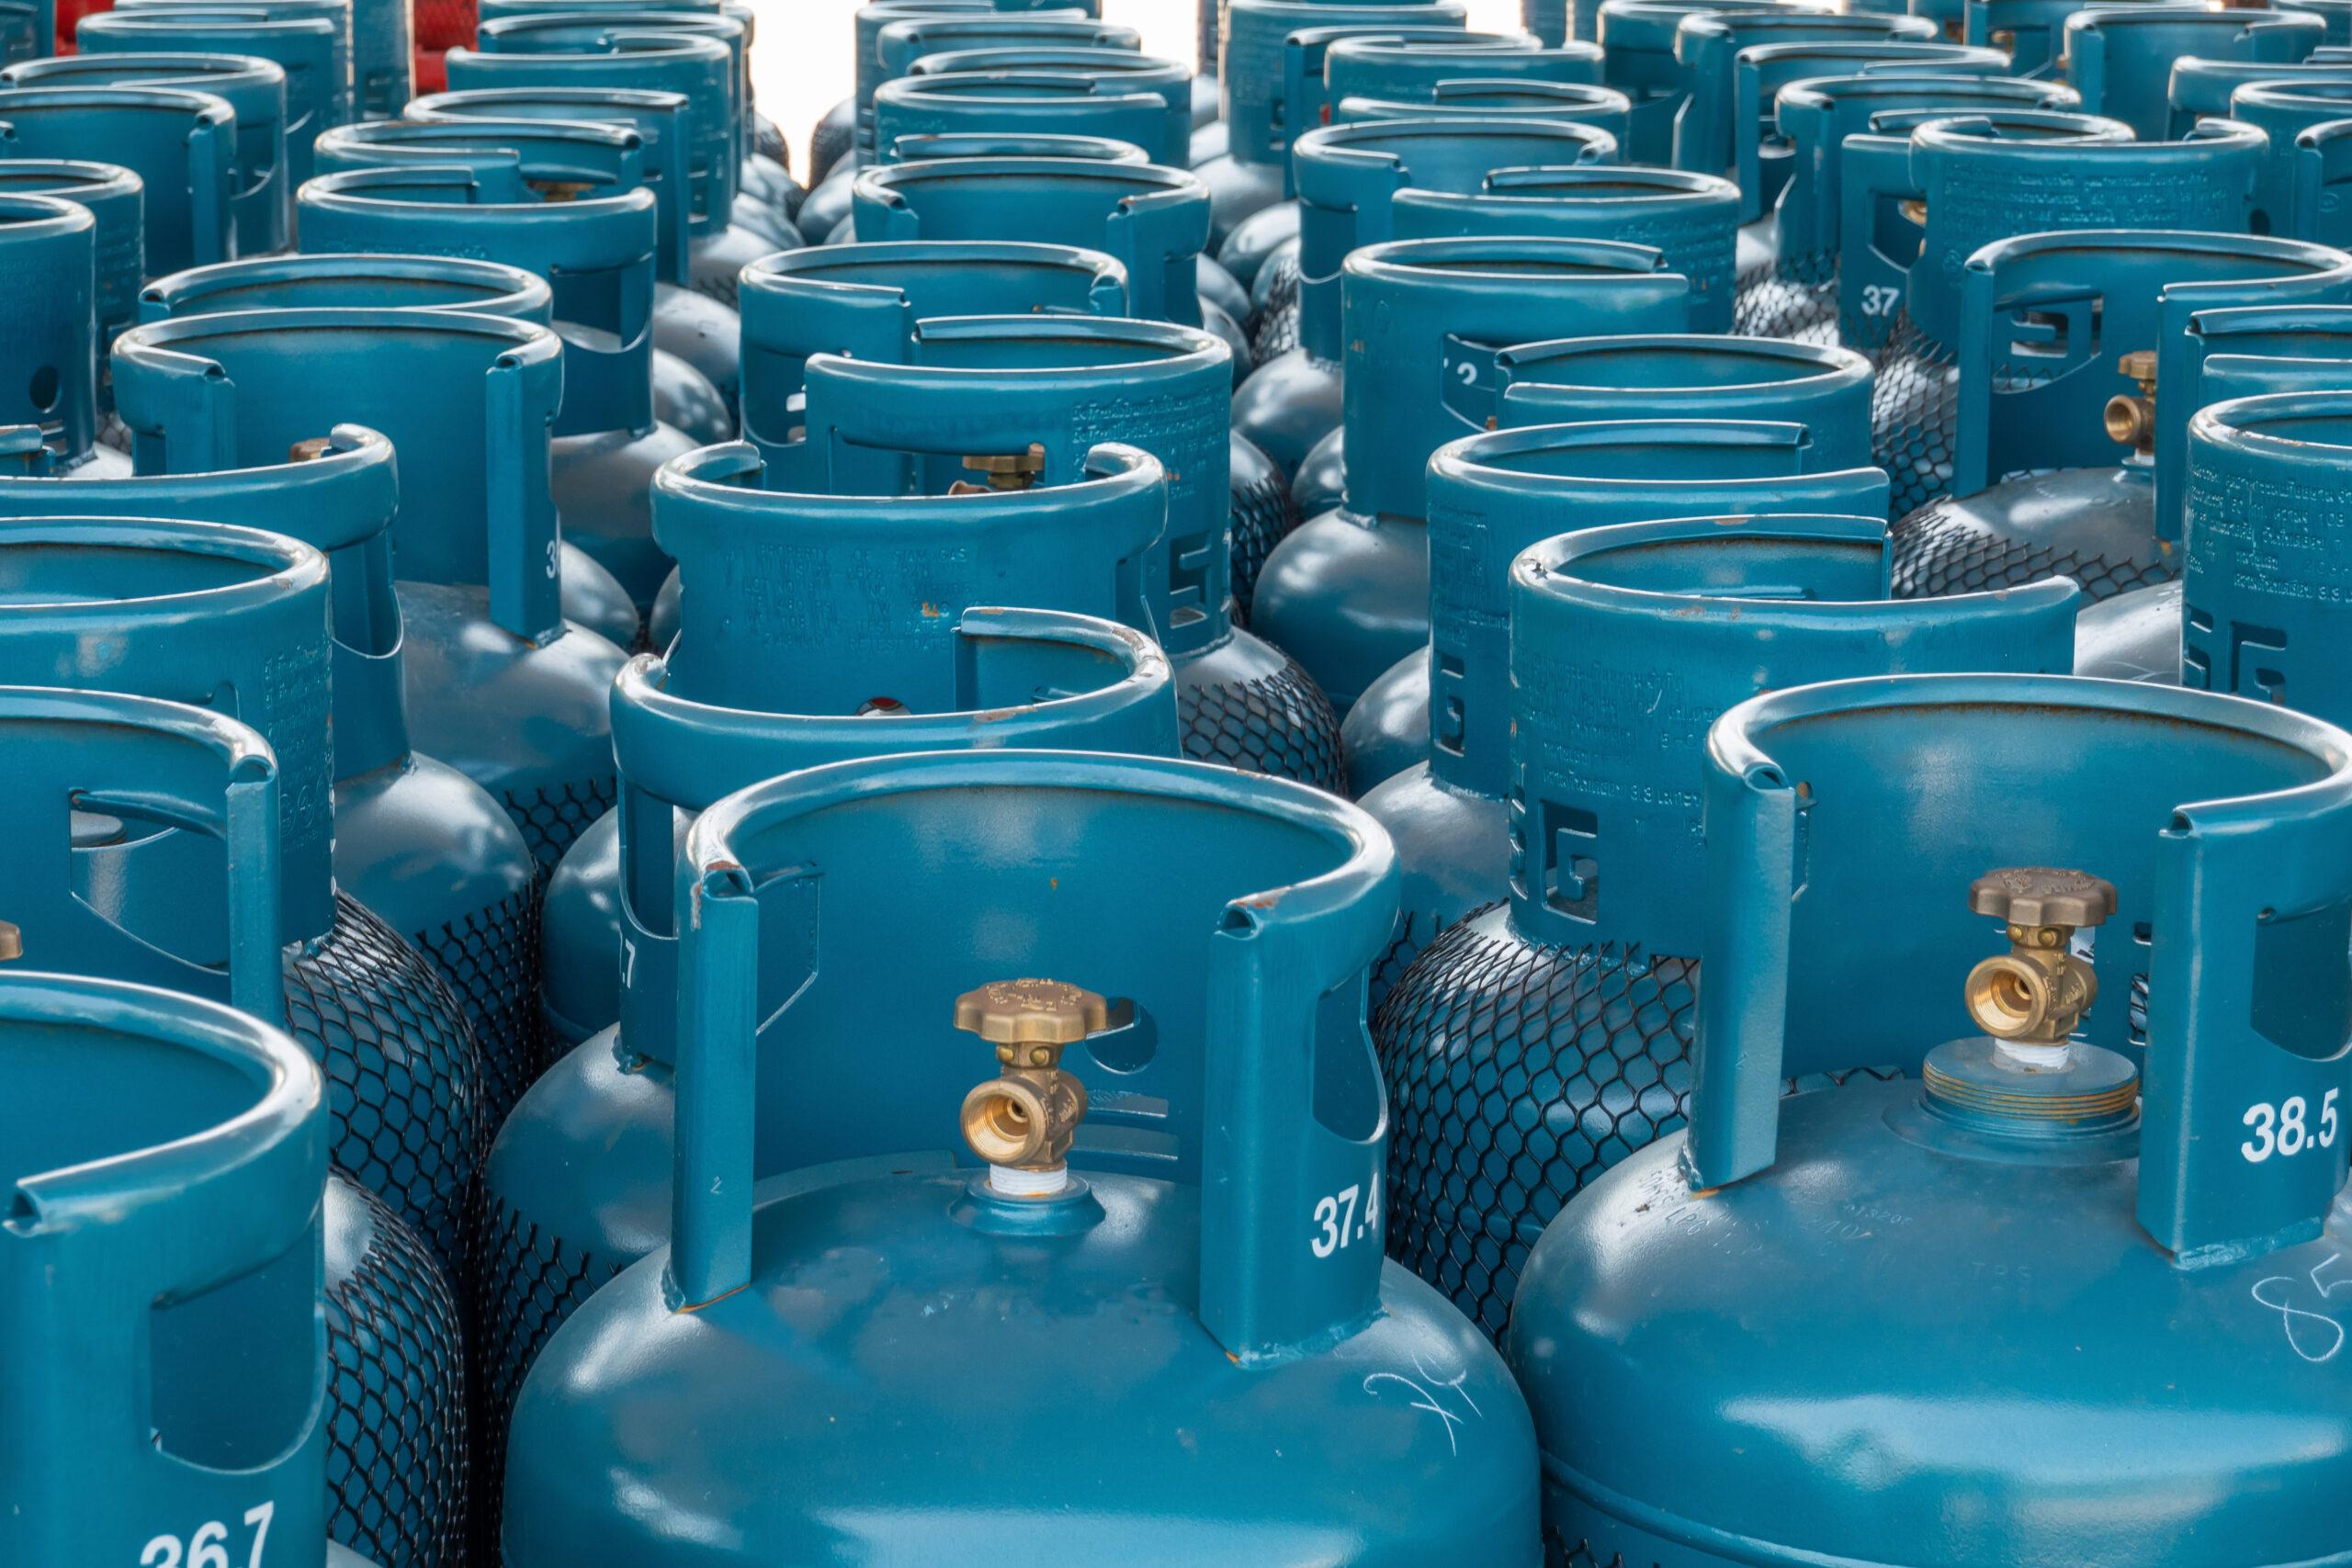 LPG gas bottle stack ready for sell, filling lpg gas bottle.